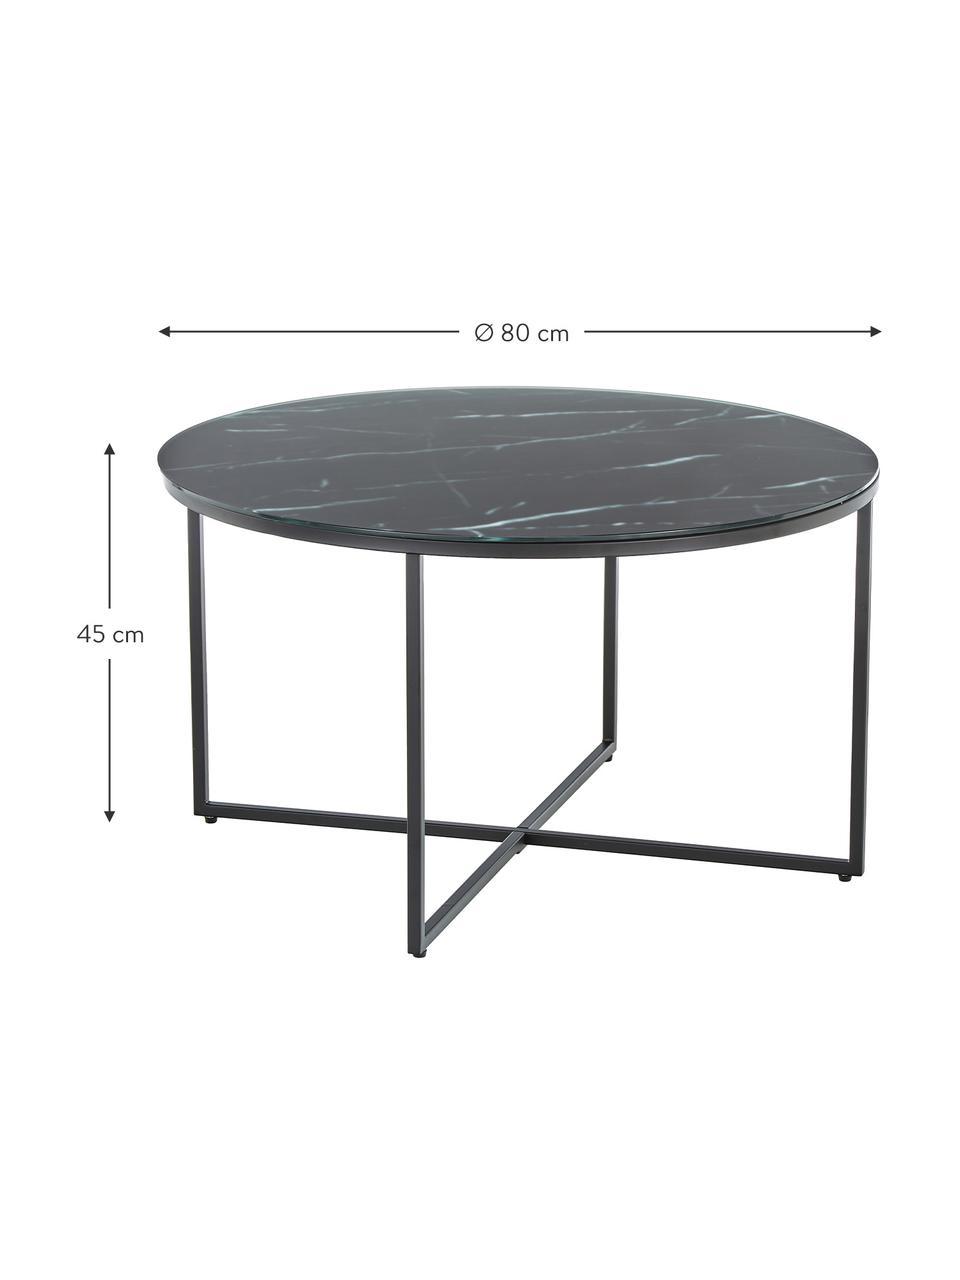 Salontafel Antigua met glazen tafelblad met marmerlook, Tafelblad: mat bedrukt glas, Frame: gepoedercoat staal, Zwart-grijs gemarmerd, zwart, Ø 80 x H 45 cm